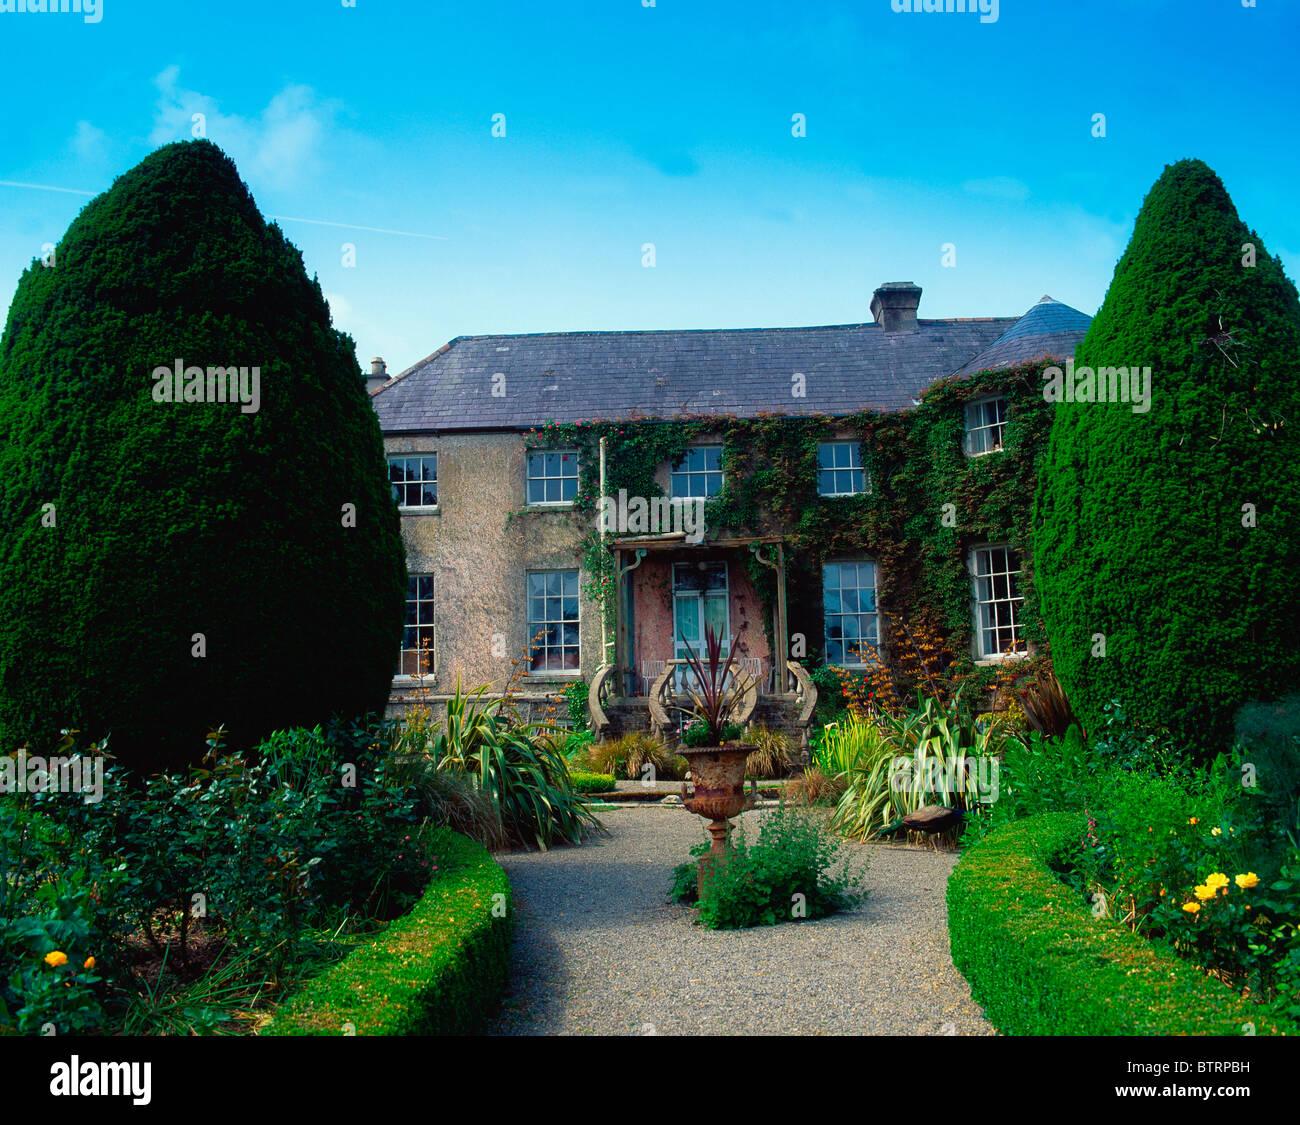 Haus Und Garten: Altamont Garden Co Carlow Ireland Stockfotos & Altamont